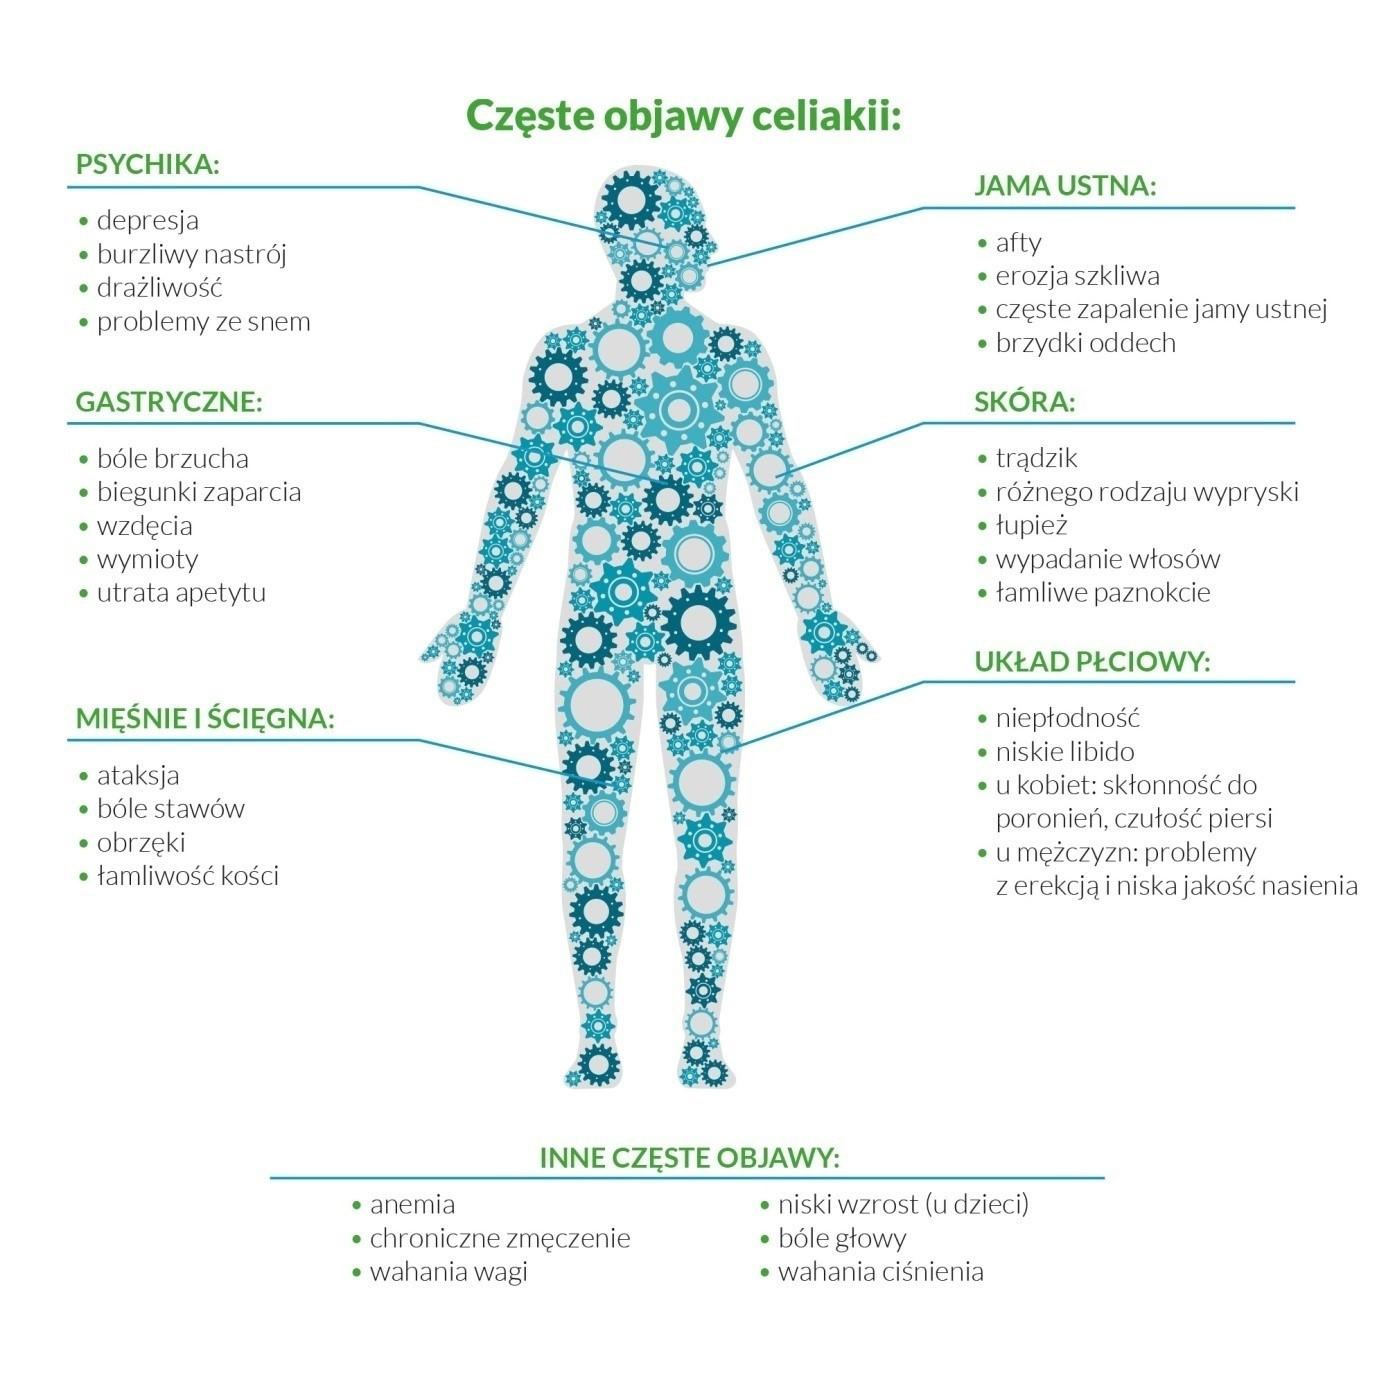 objawy celiakii